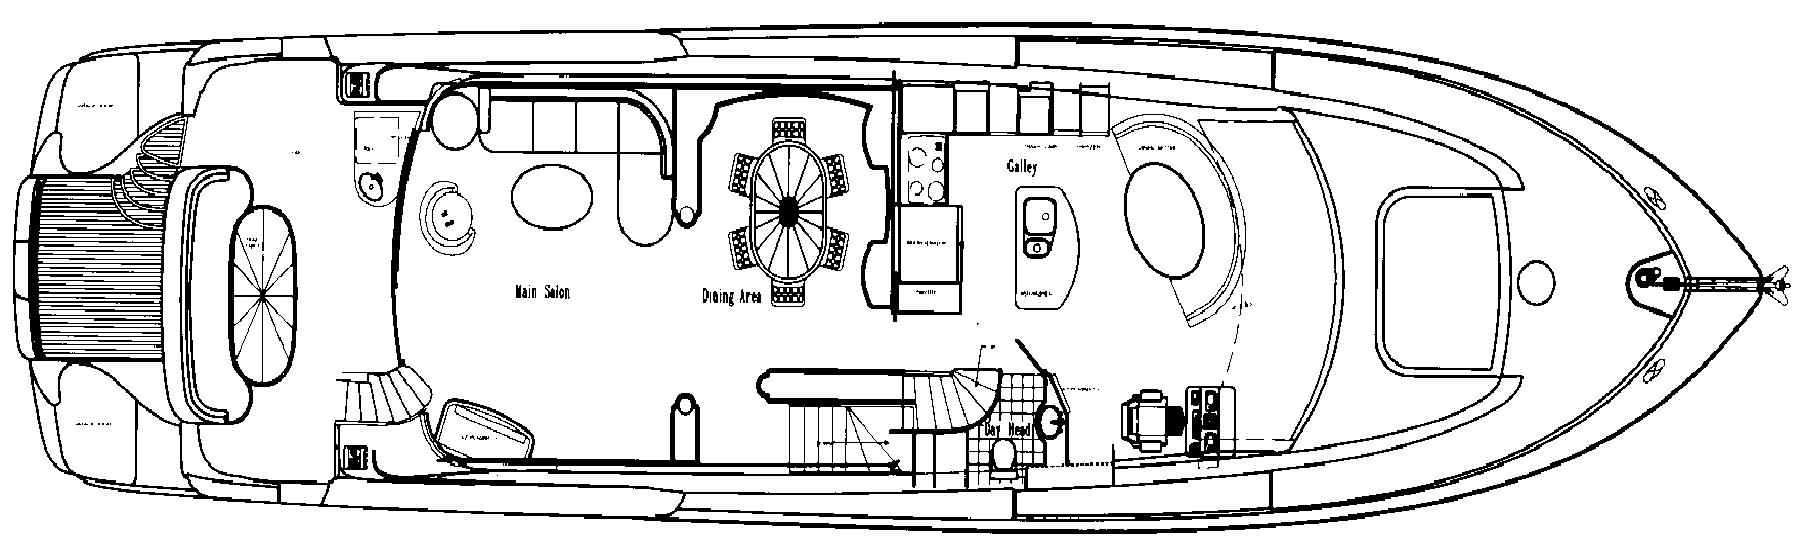 80 SC Floor Plan 2